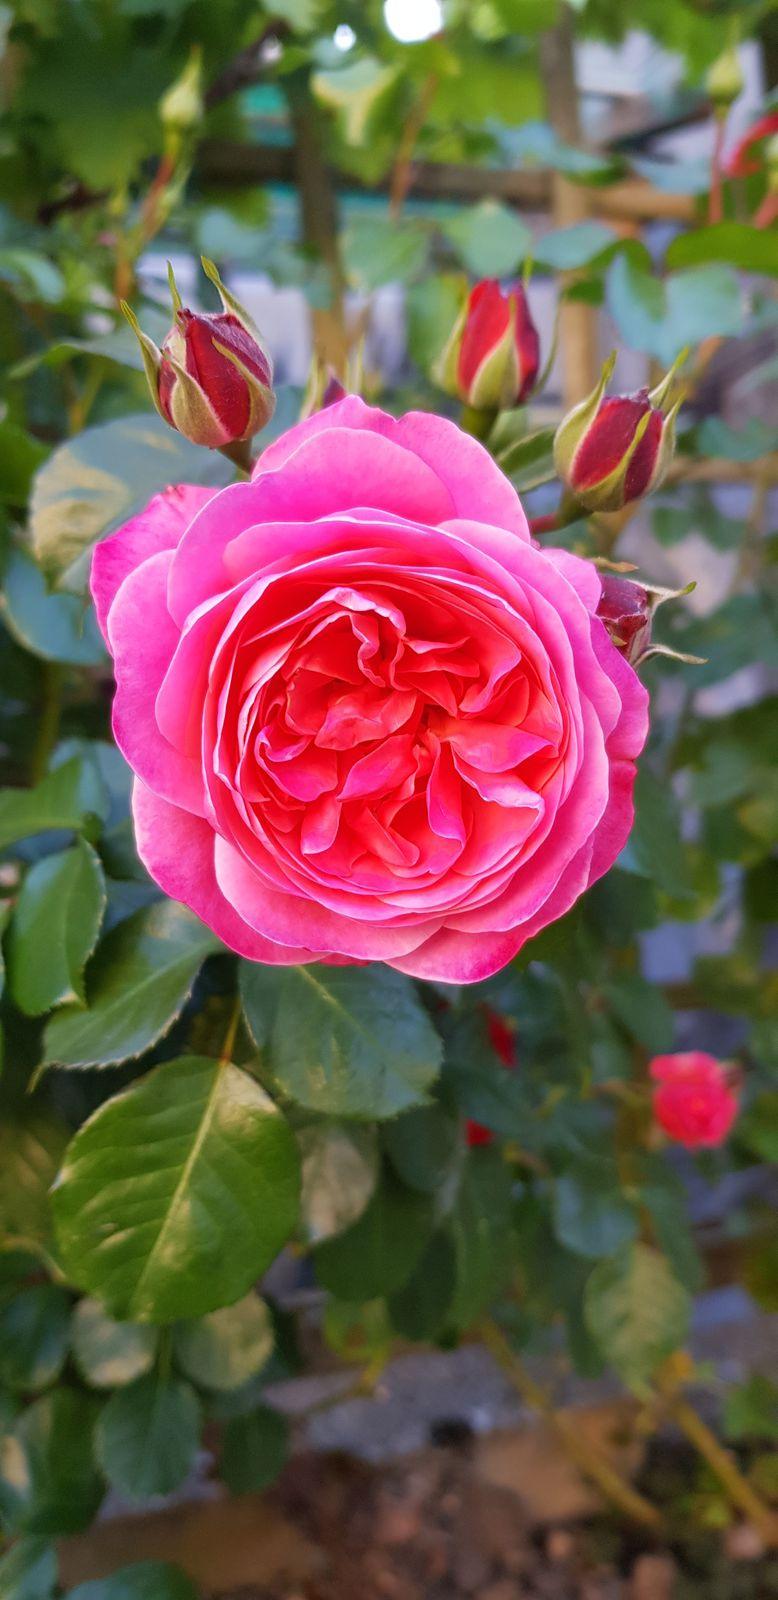 C est un regal cette année  les roses dans le jardin elles deconfinement partout